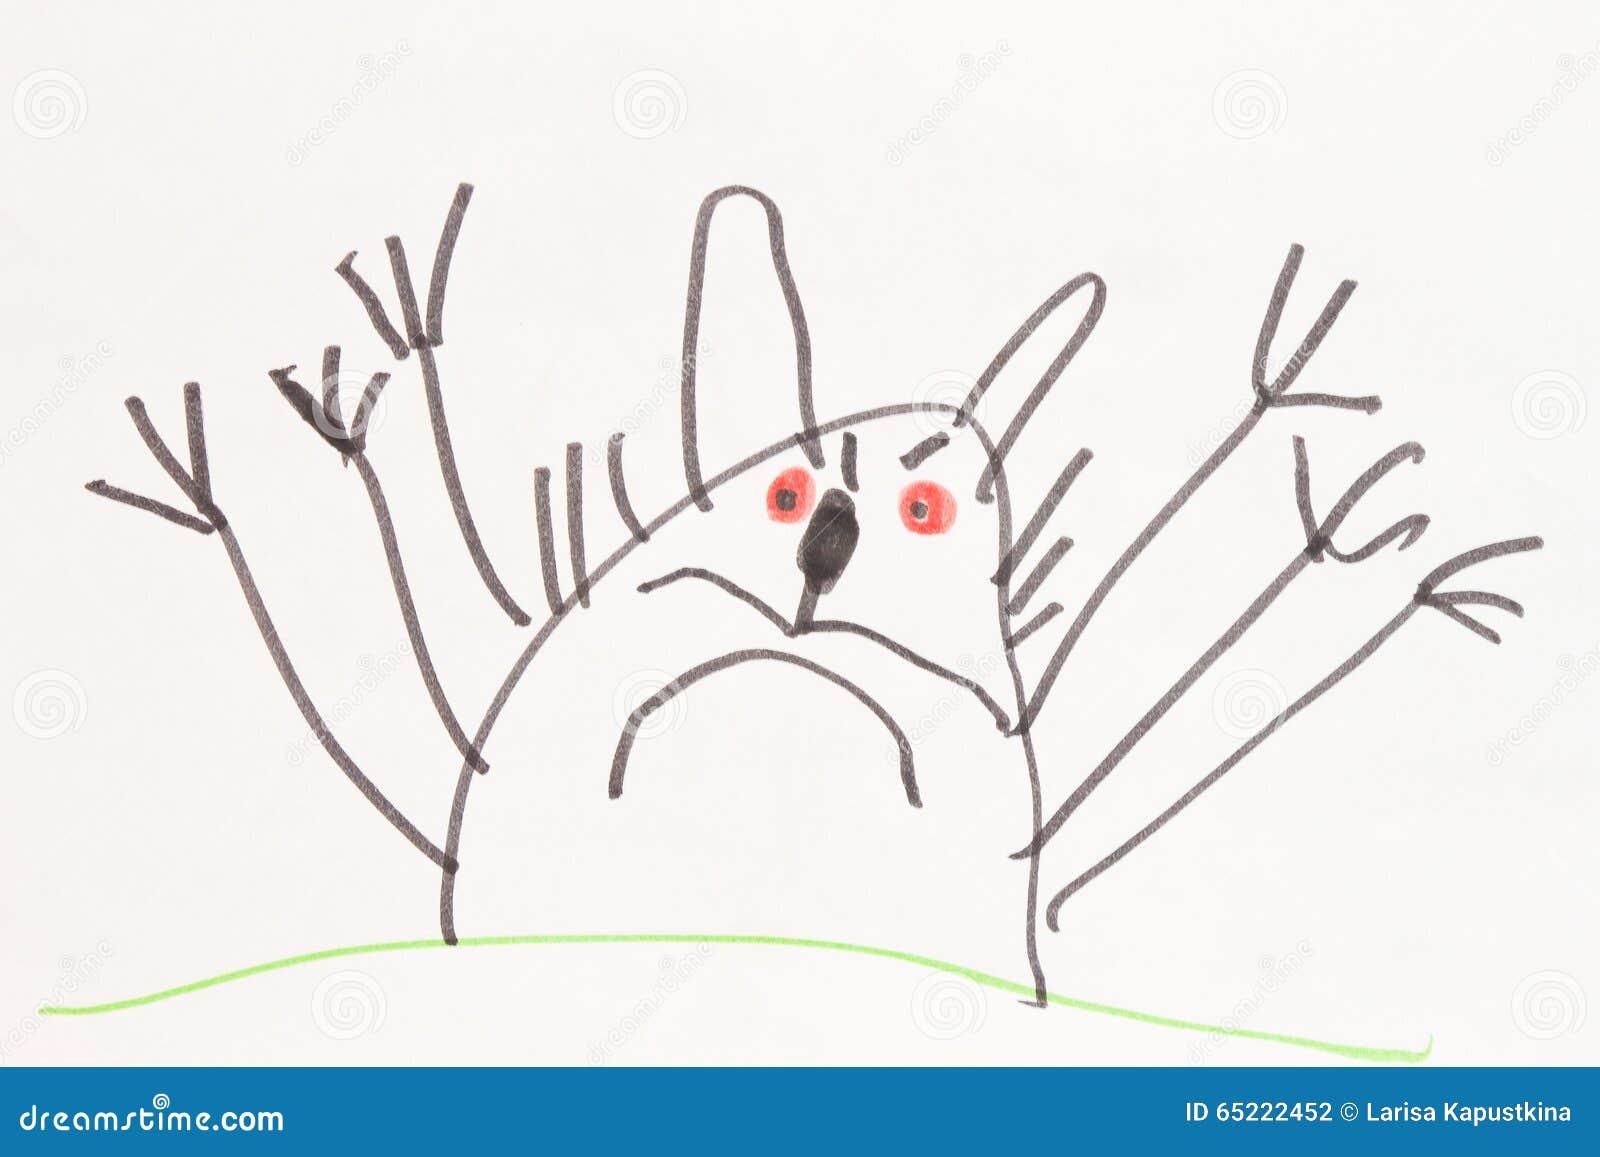 Monster Cat Child S Felt Pen Drawing Stock Illustration Illustration Of Black Character 65222452